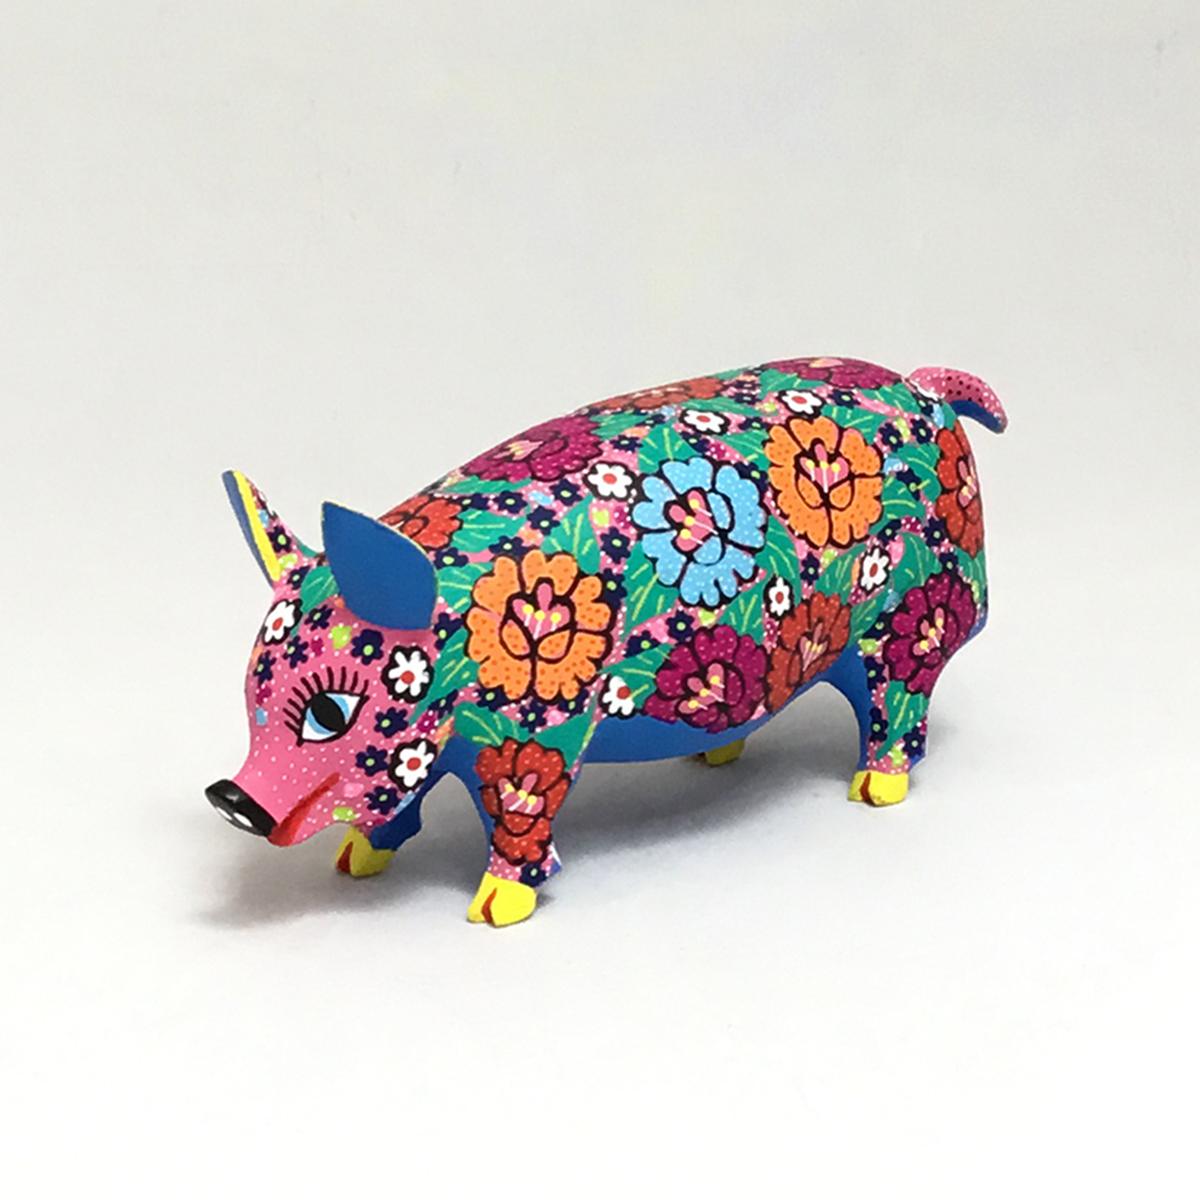 Candido Jimenez Ojeda Candido Jimenez Ojeda: Pig with Flowers Alebrijes